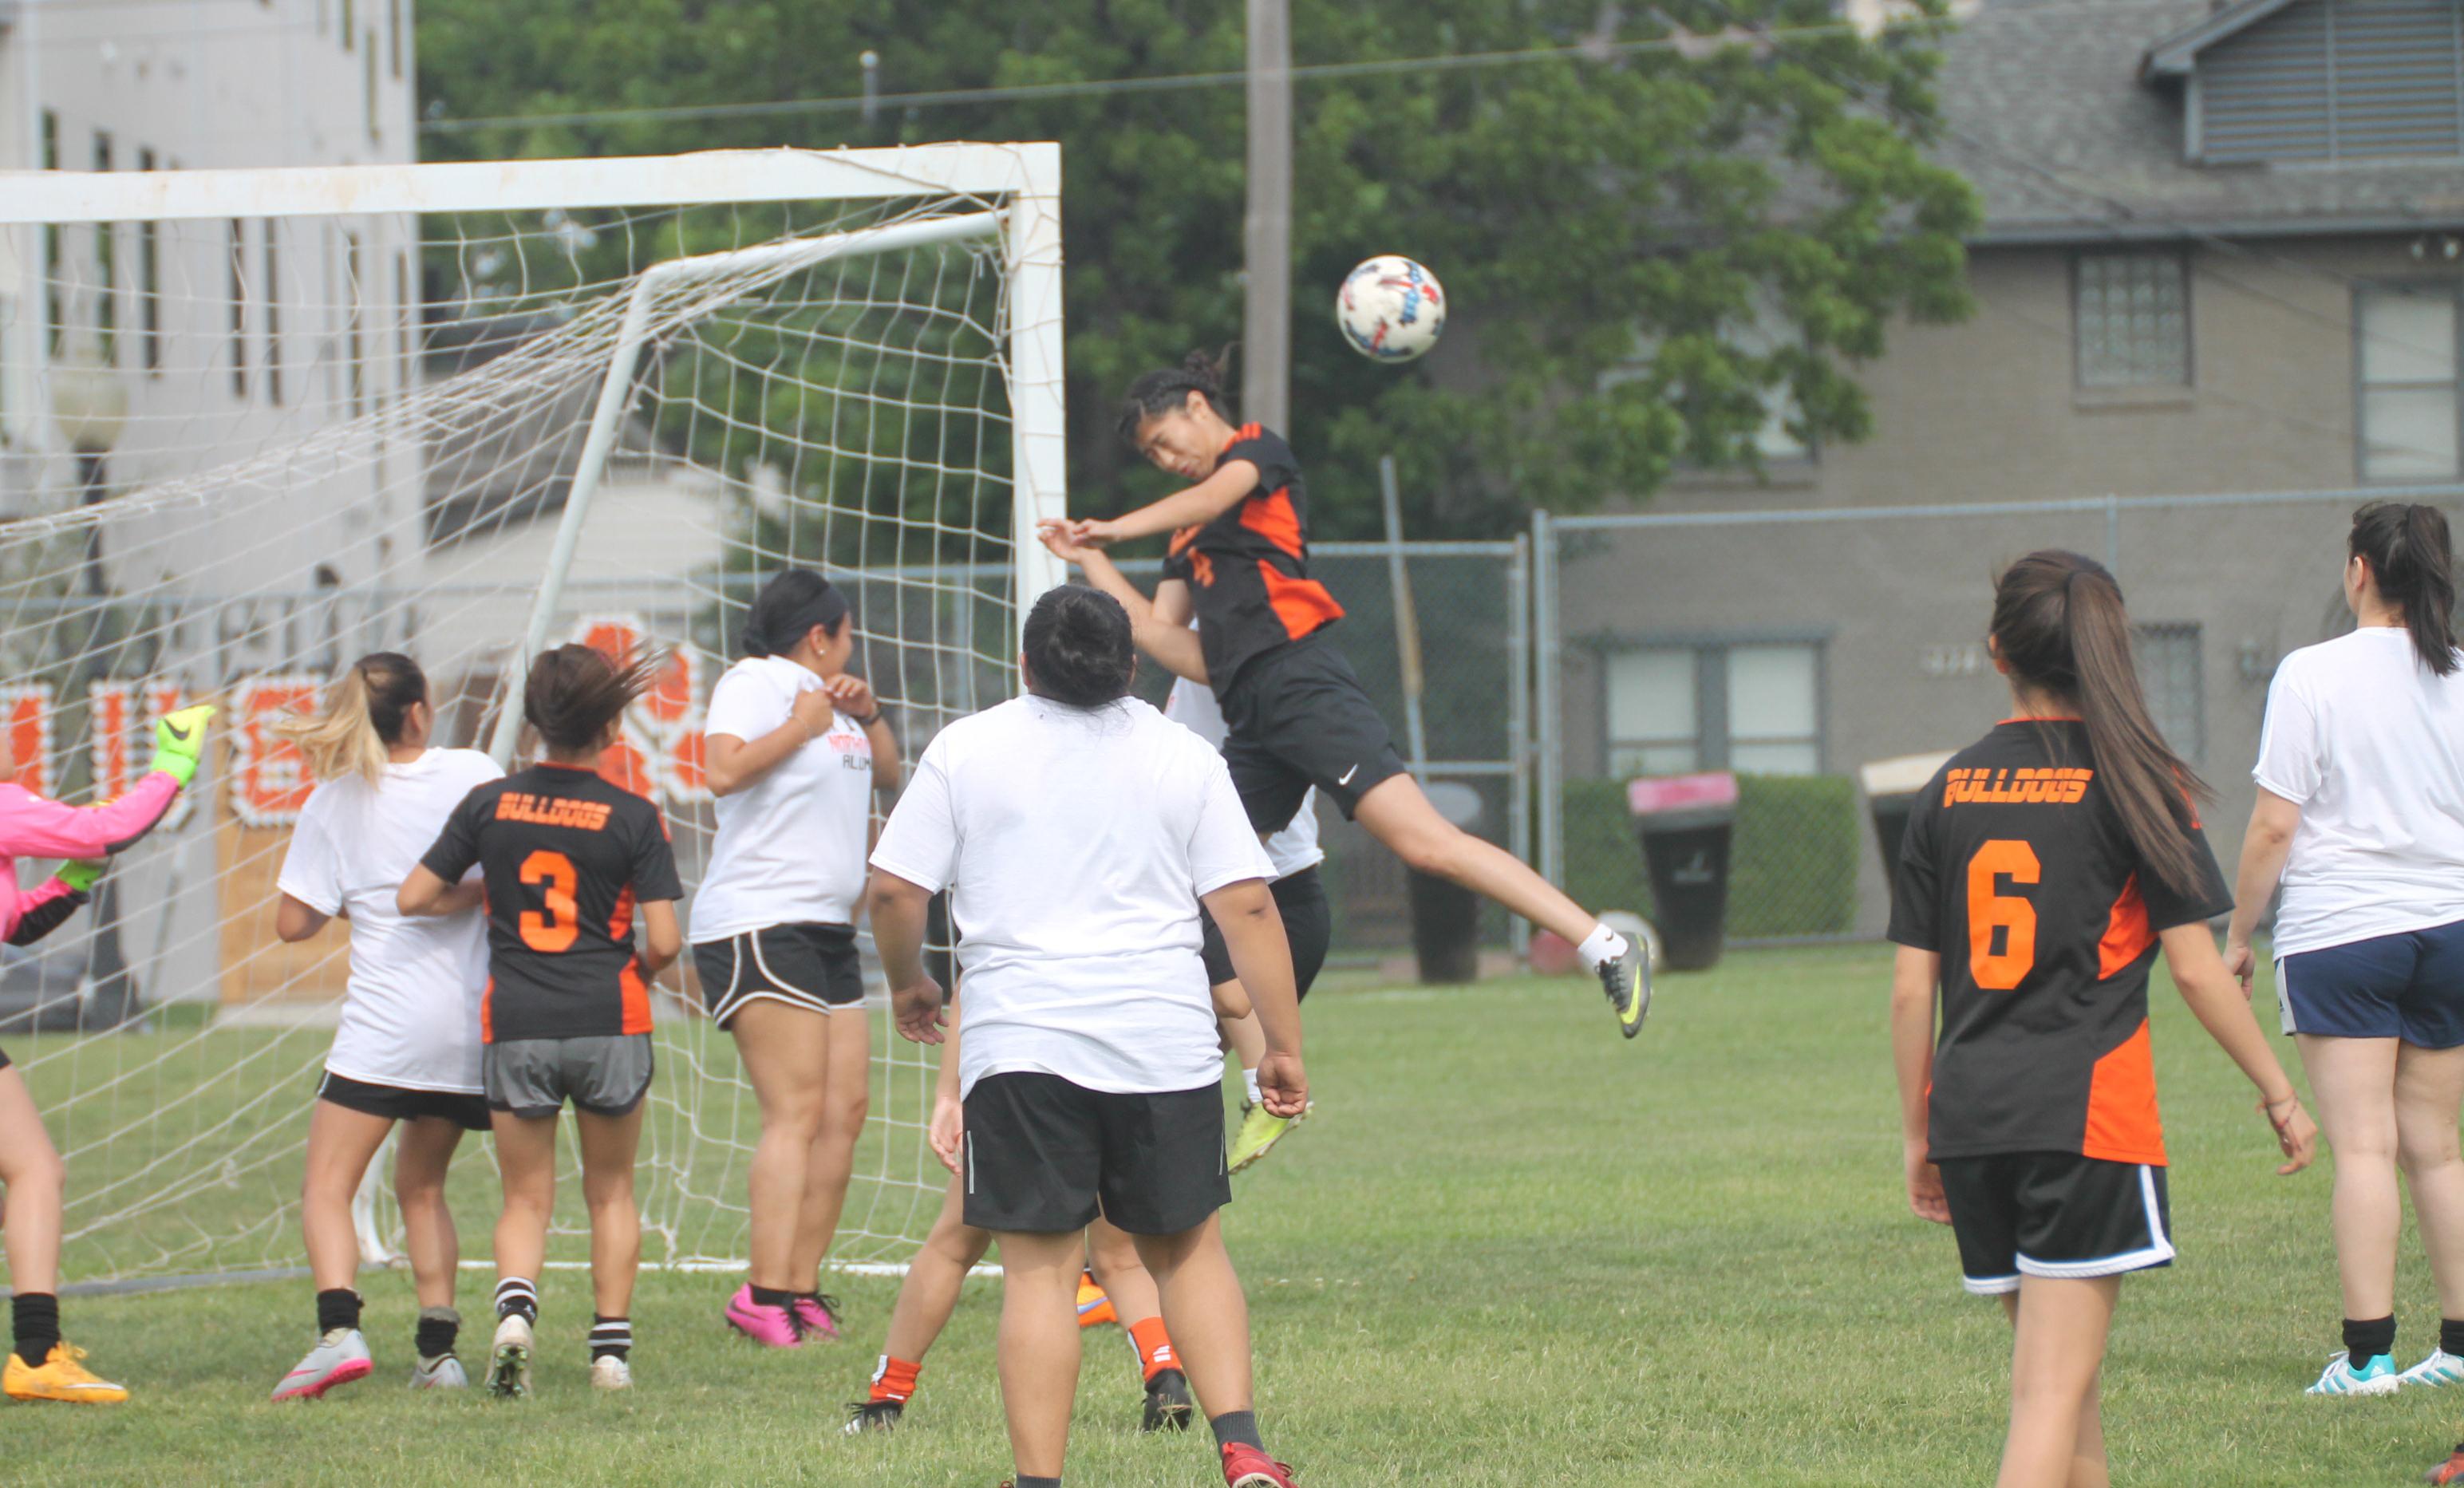 North Dallas wins in alumni vs. varsity girls soccer game